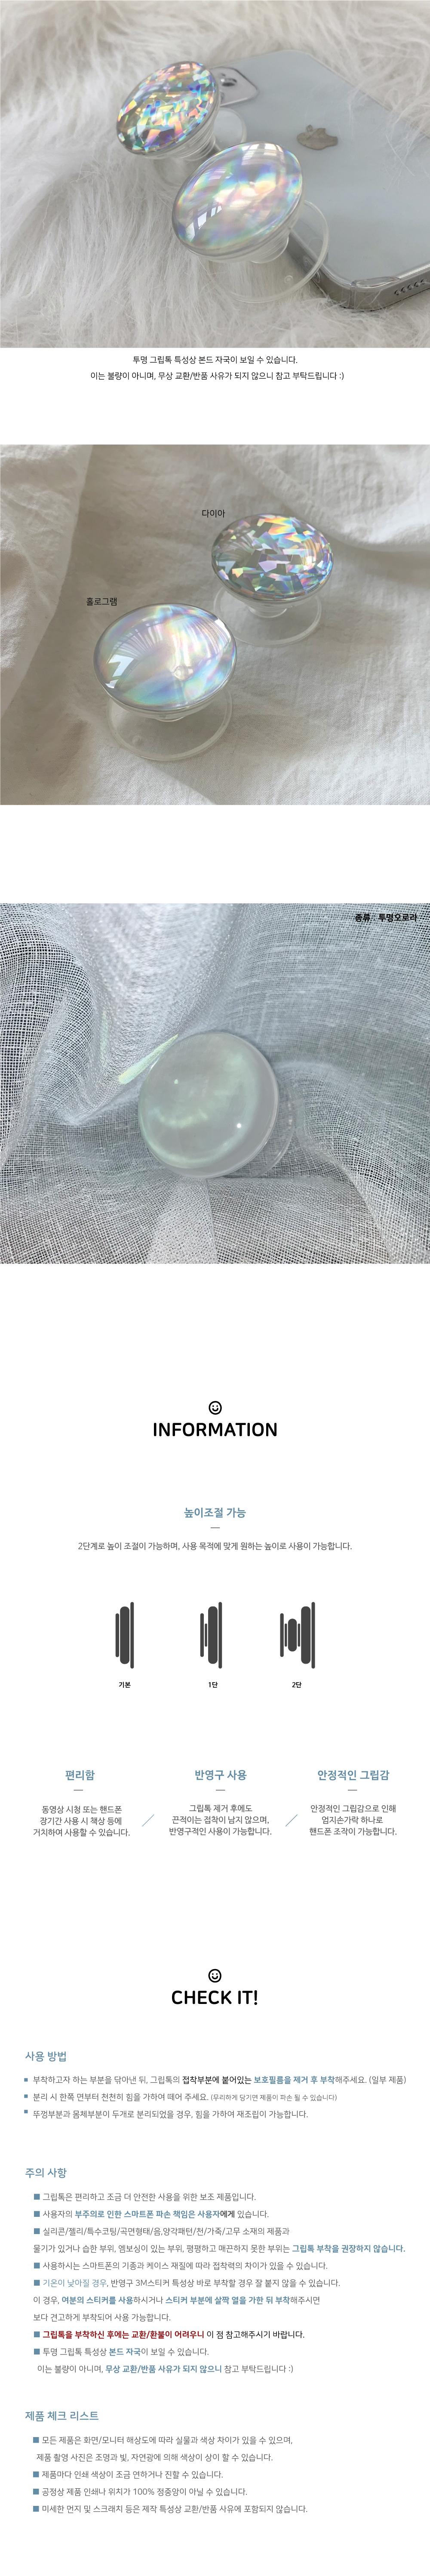 영롱 입체 홀로그램 반구 오로라 투명 스마트톡 그립톡